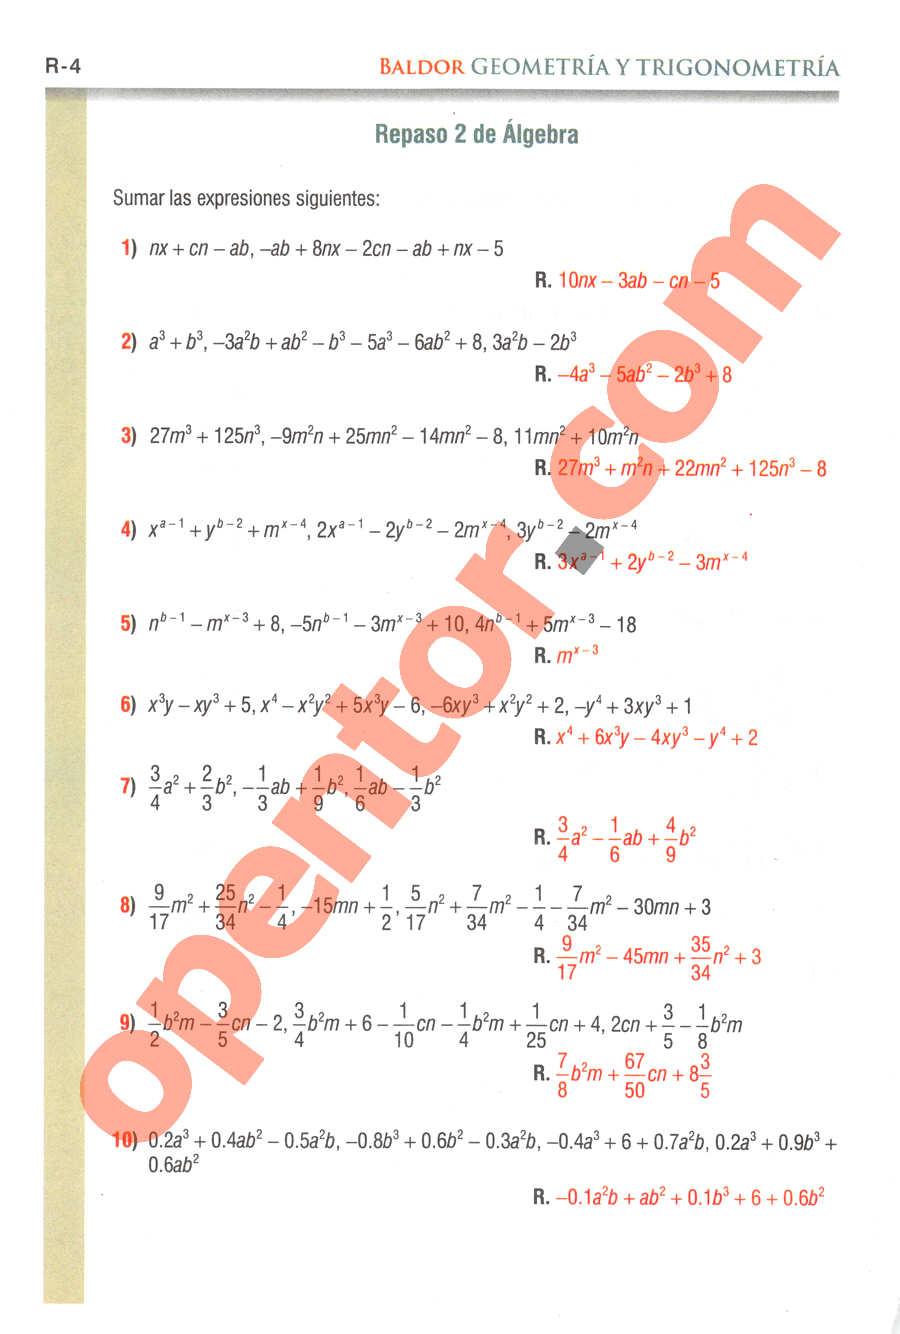 Geometría y Trigonometría de Baldor - Página R4